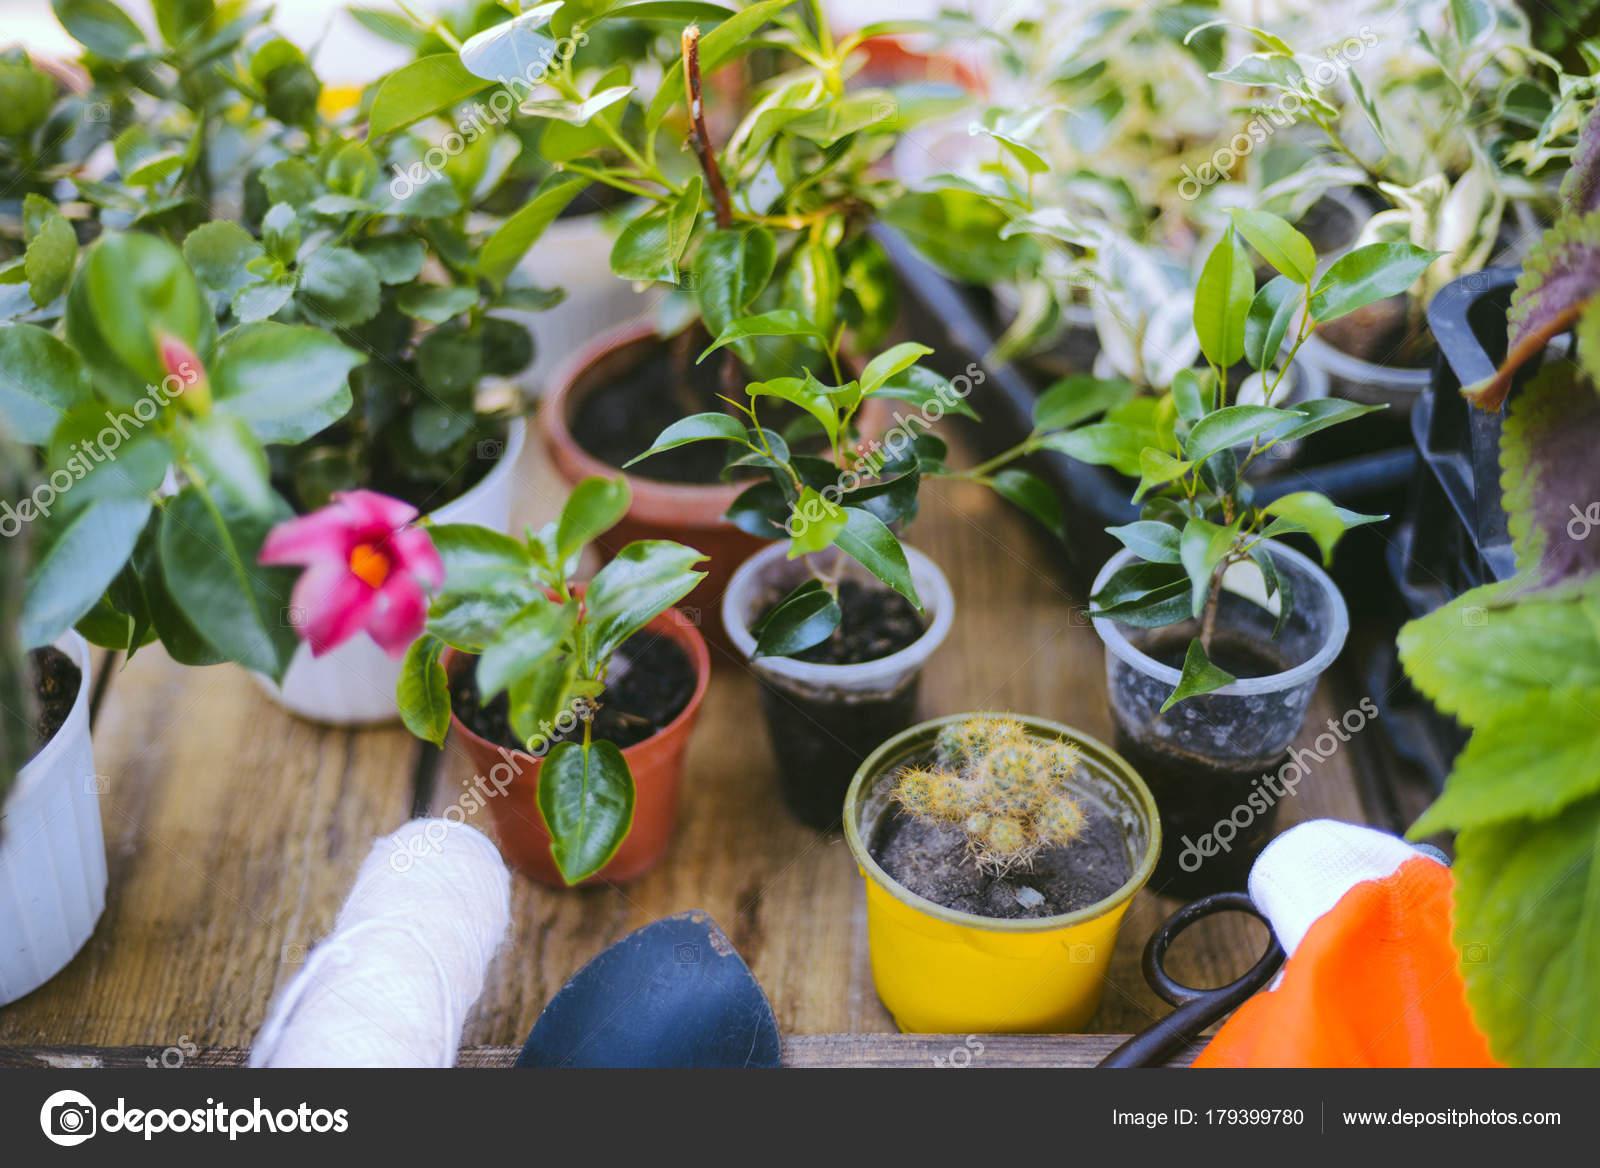 Gärtner Hand Die Pflanzen Blumen Topf Mit Schmutz Oder Erde U2014 Stockfoto